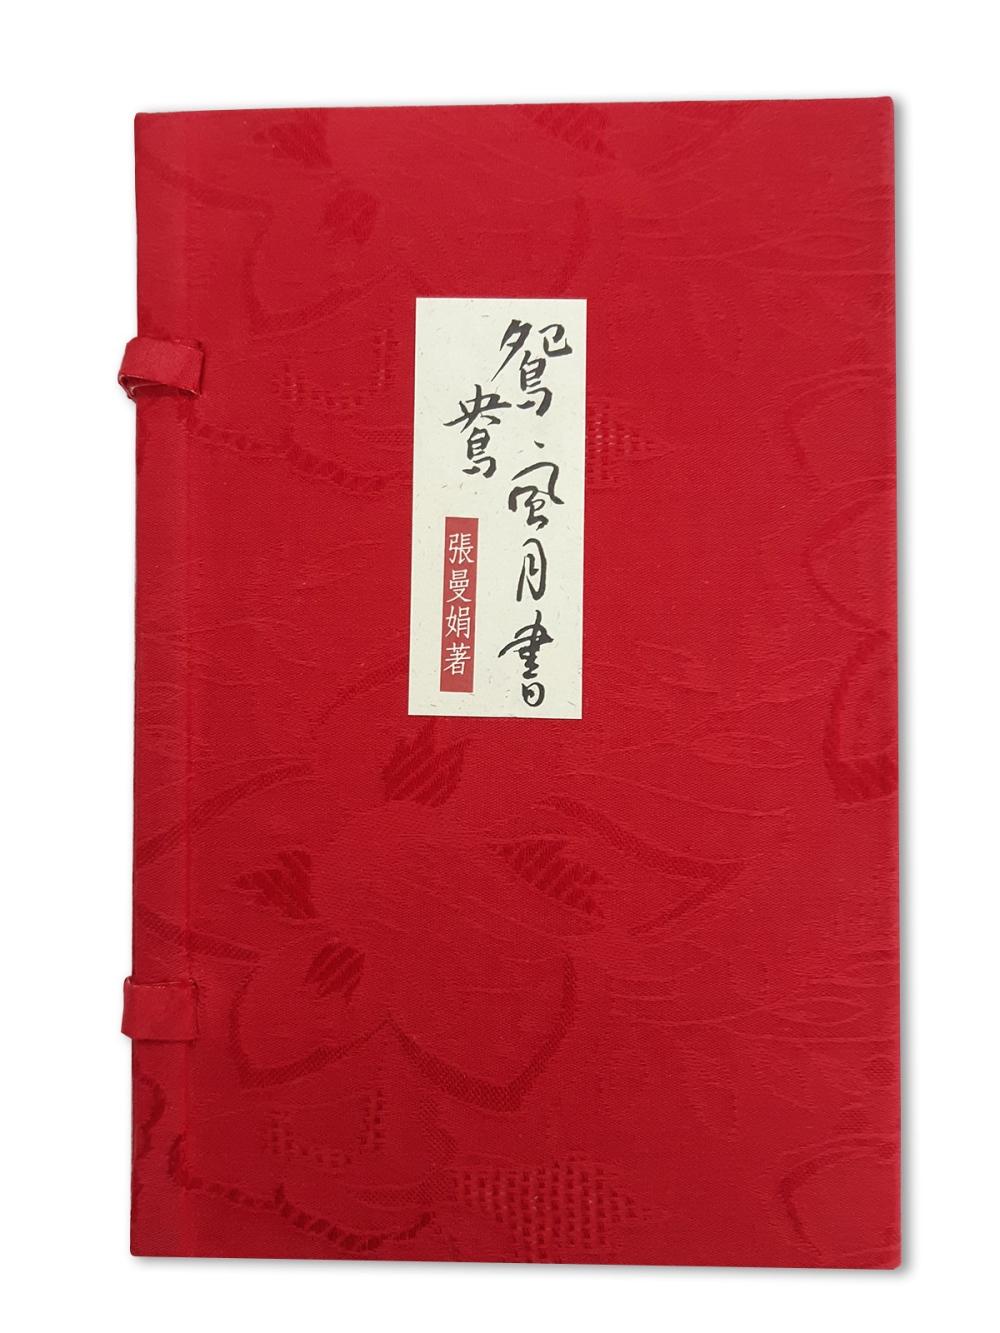 鴛鴦、風月書【古典函套限量版】